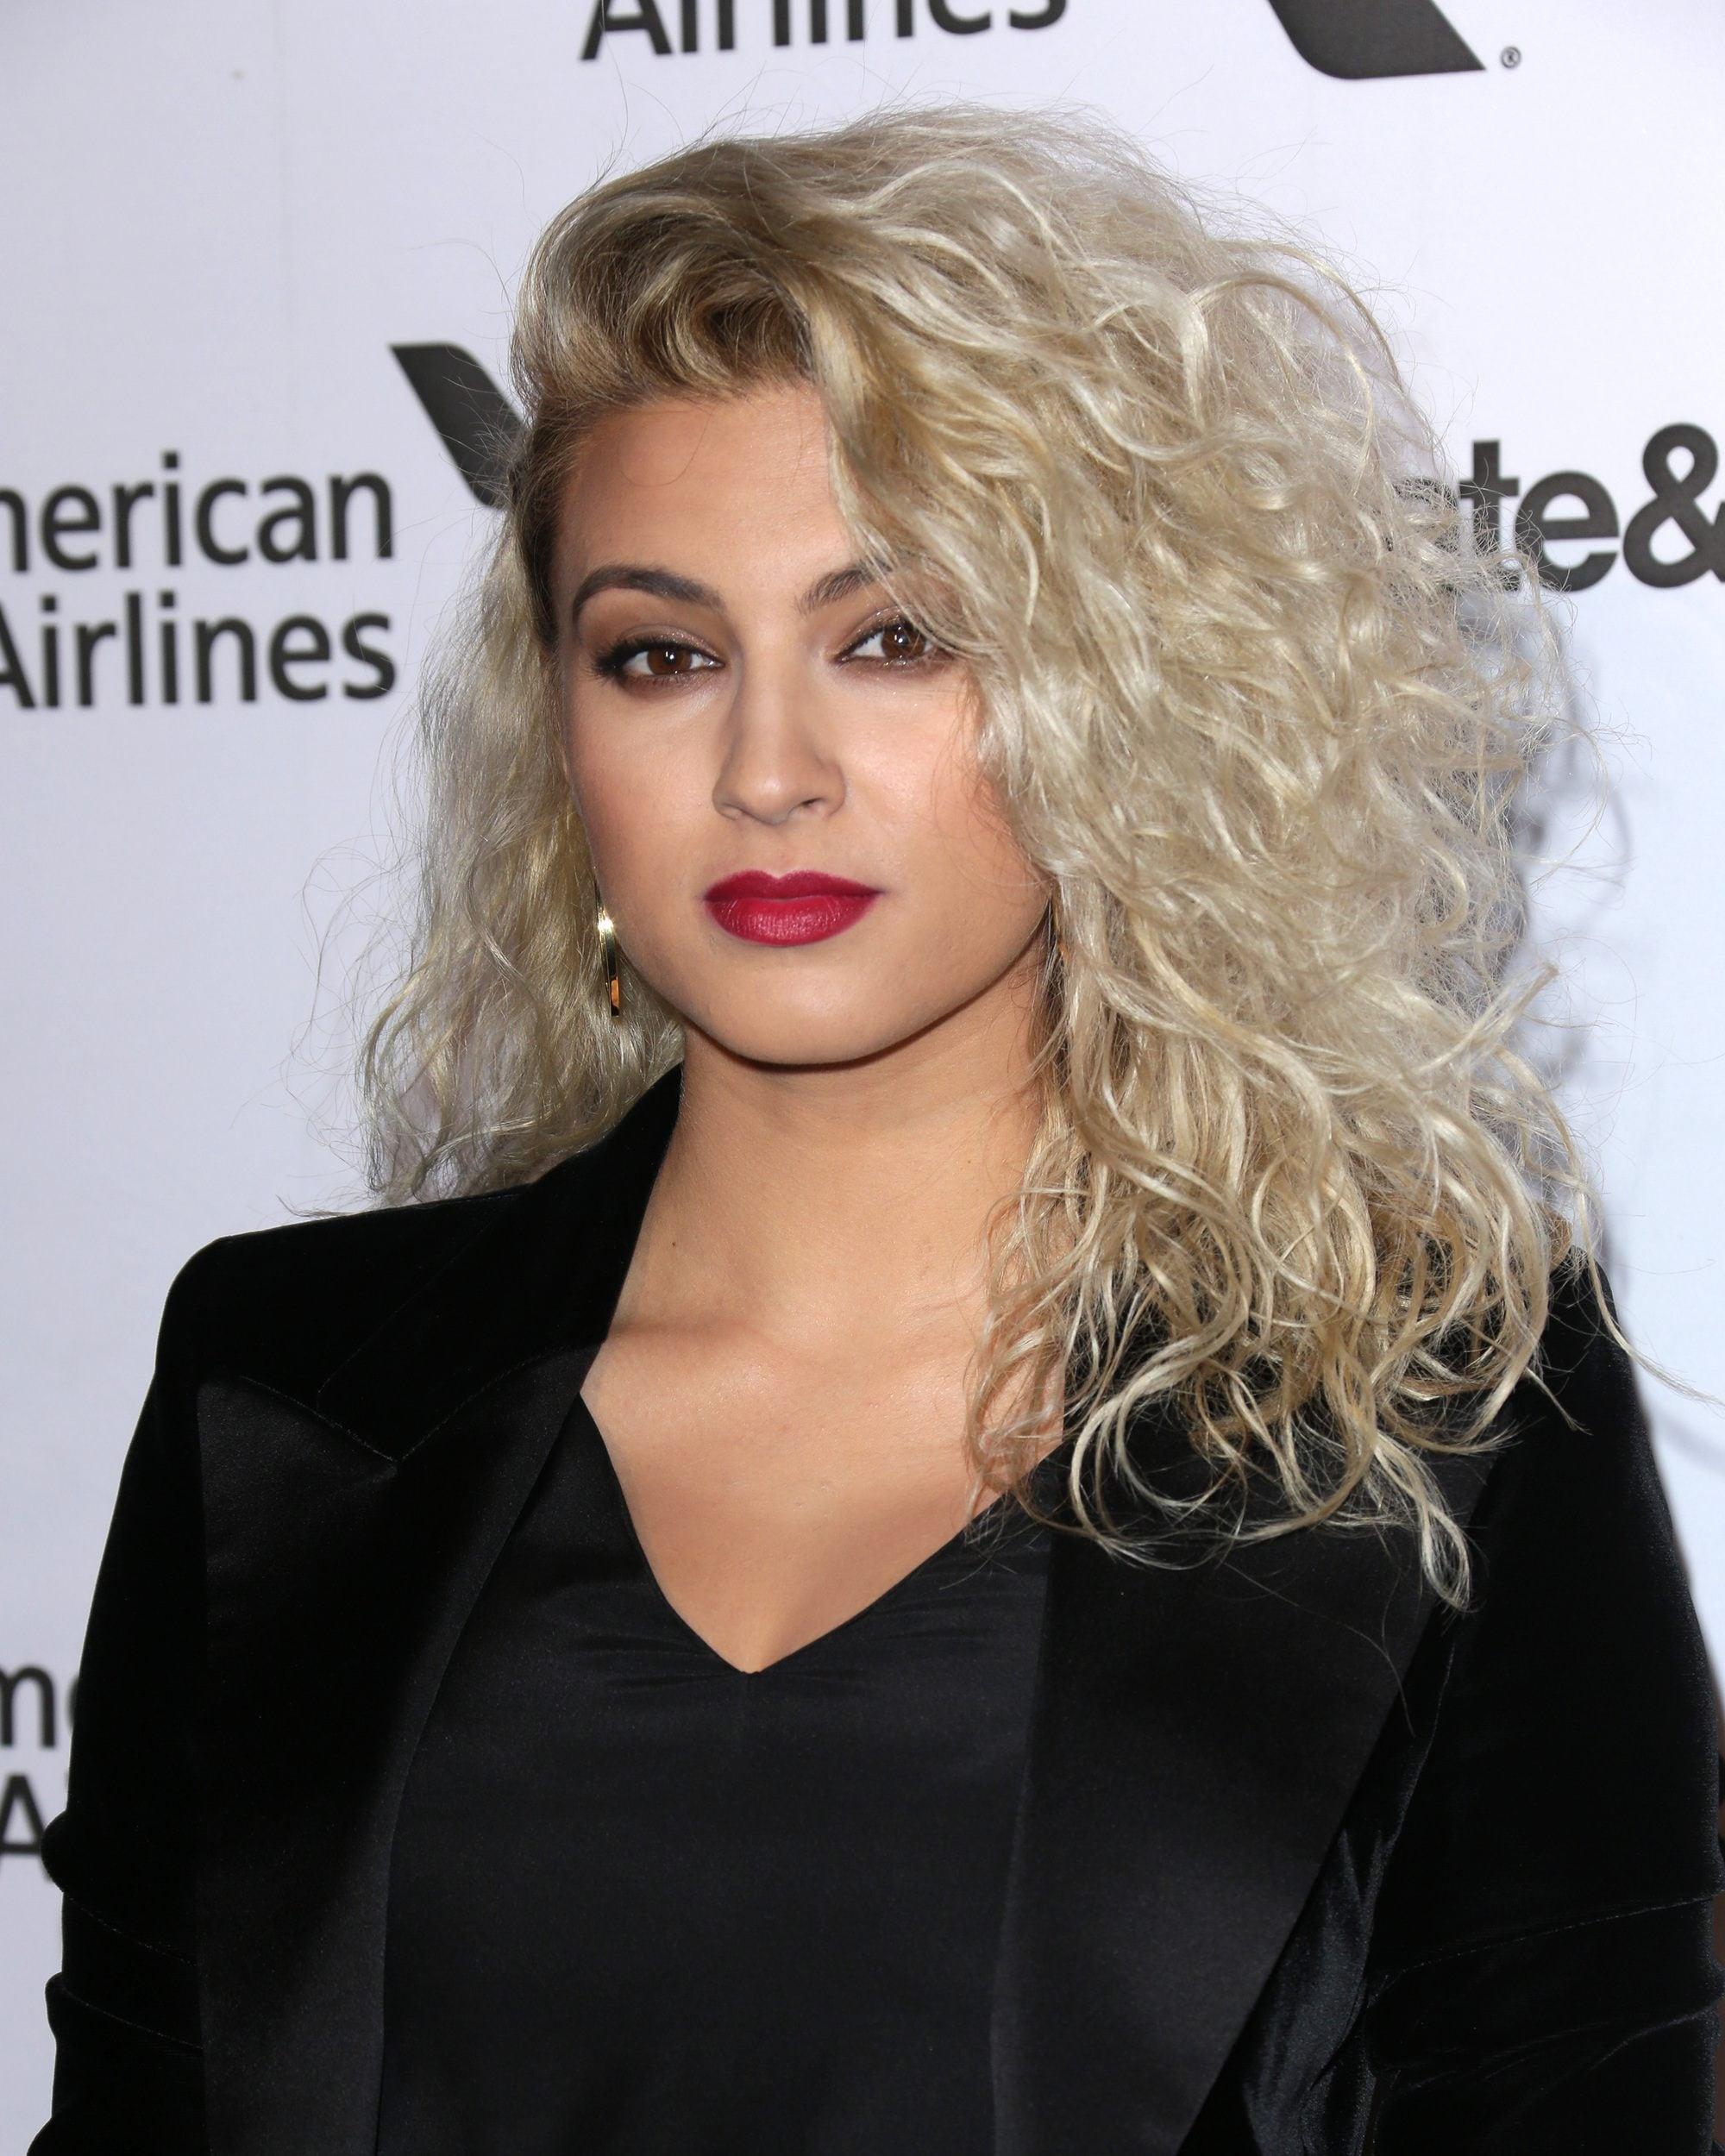 Wanita kaukasia dengan rambut keriting body perm dan rambut berwarna silver